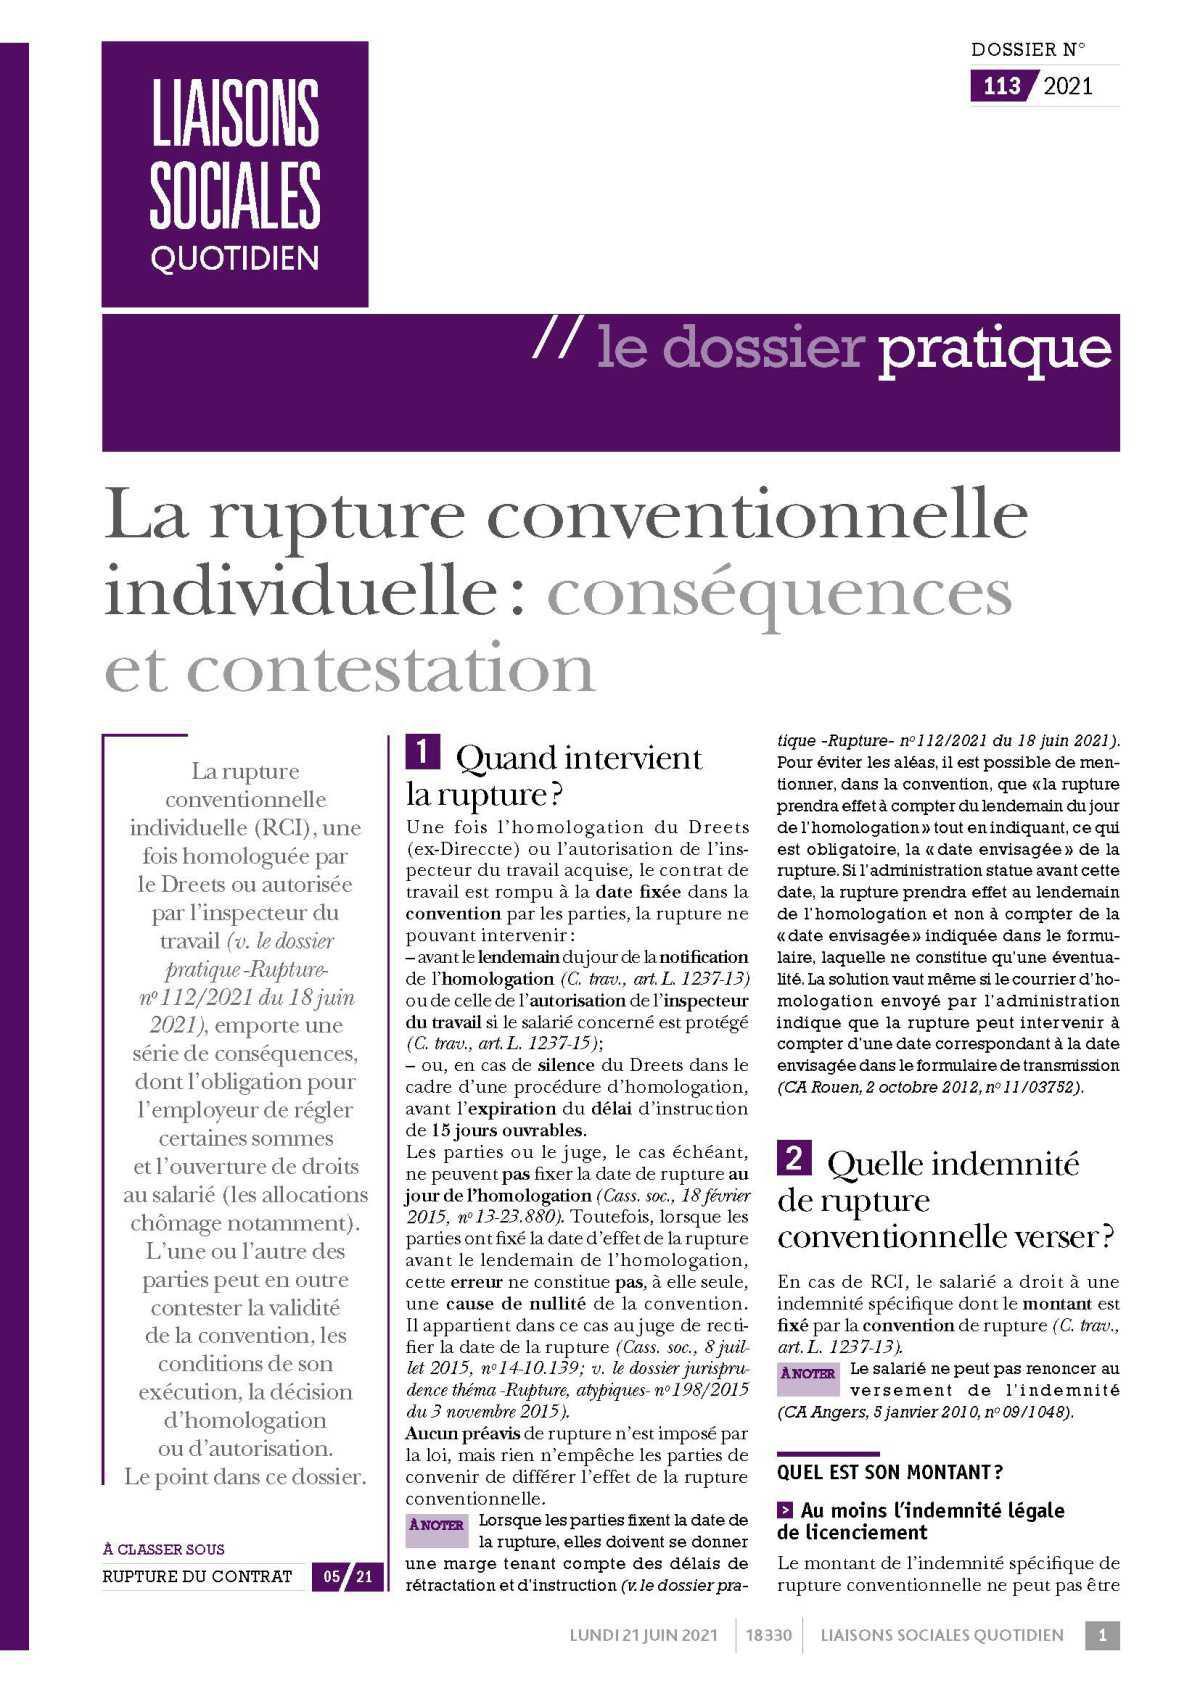 La rupture conventionnelle individuelle conséquences et contestation